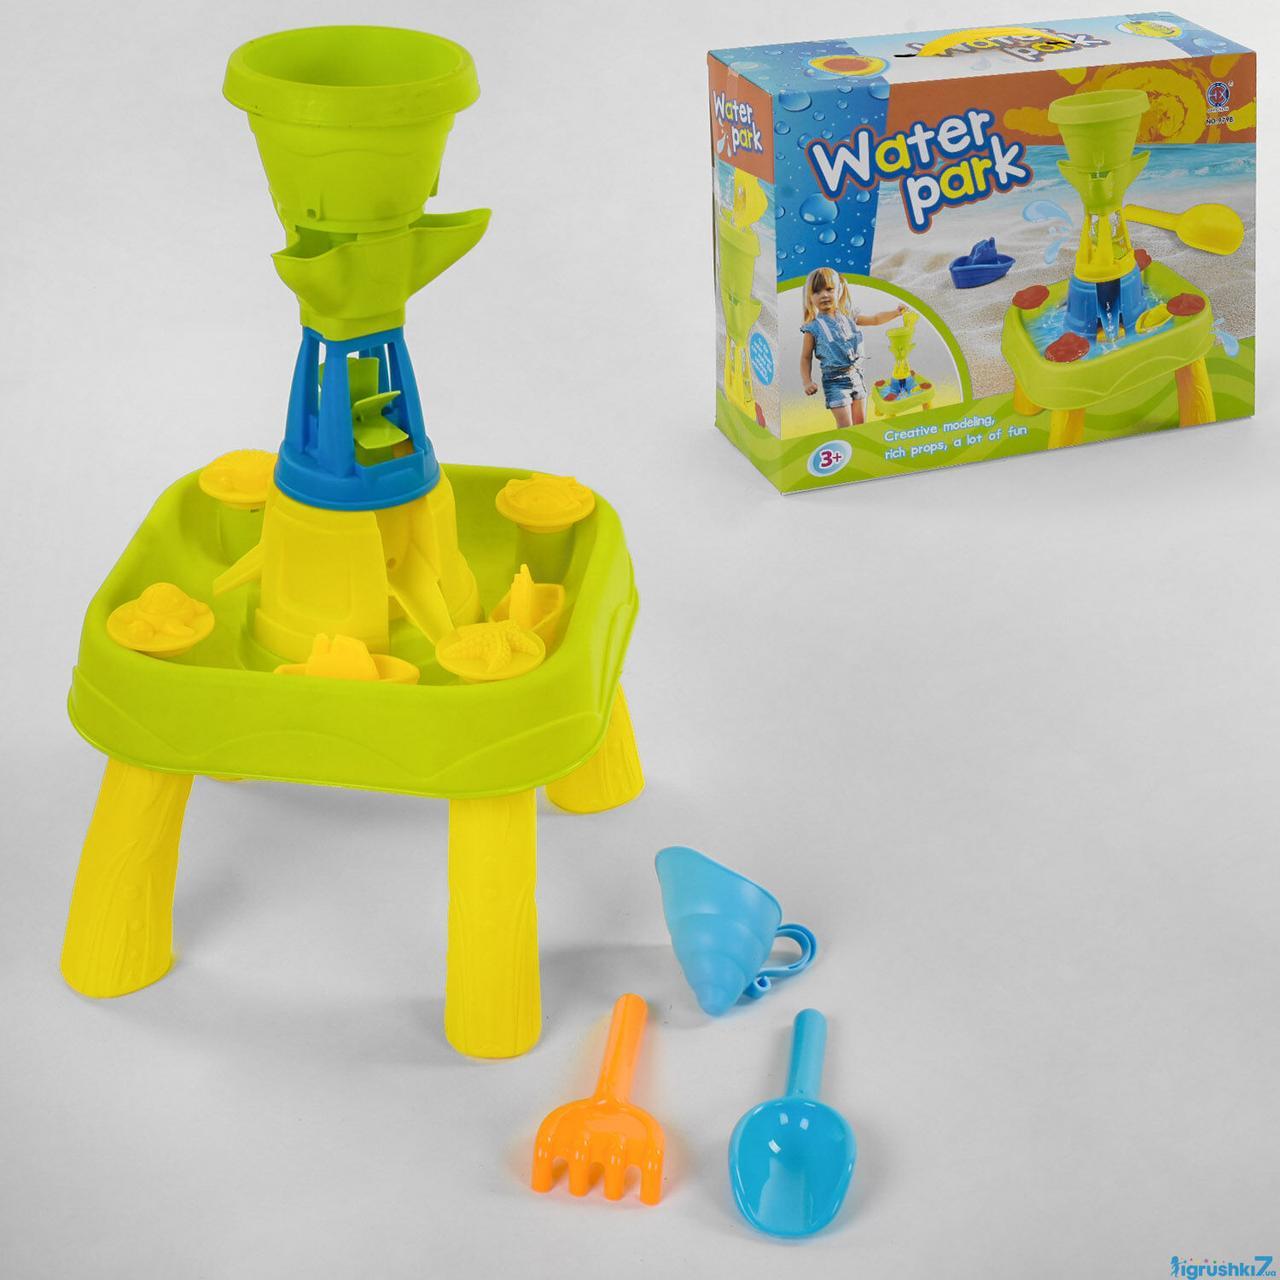 Детский игровой столик для песка и воды 979 B с аксессуарами